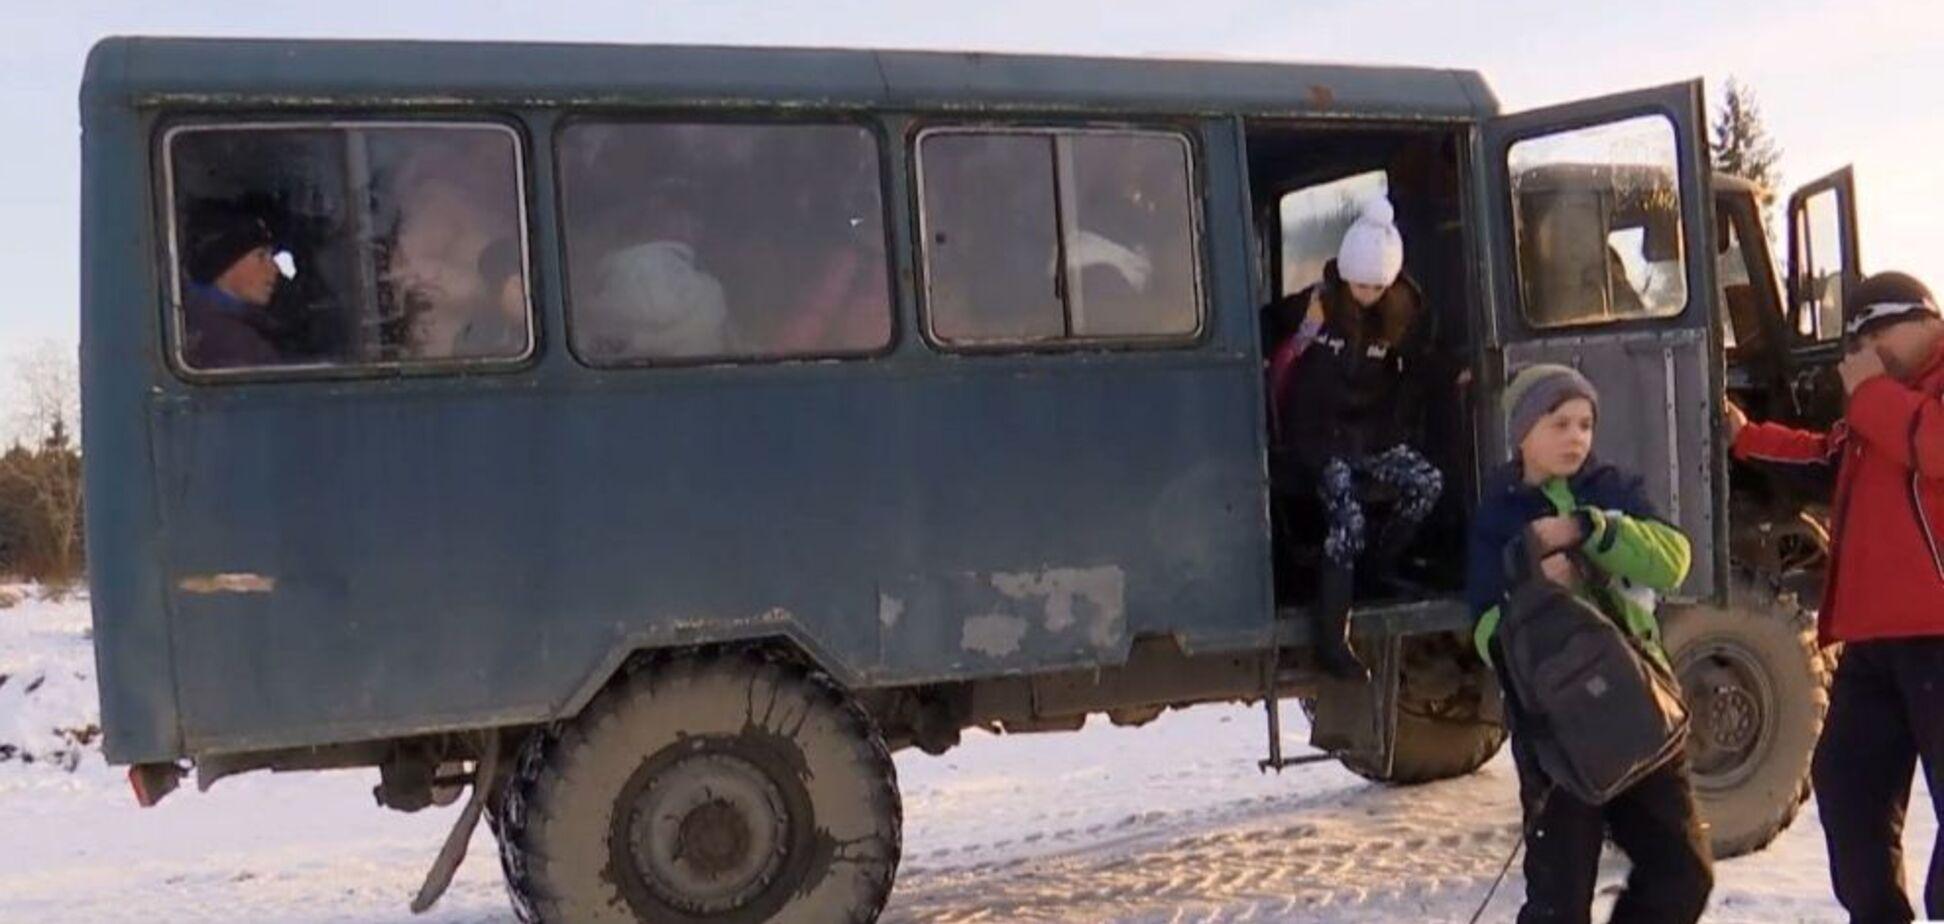 Зато не 'евробляха': на Прикарпатье школьникам подарили ржавый 'автобус' с 70-х. Видео